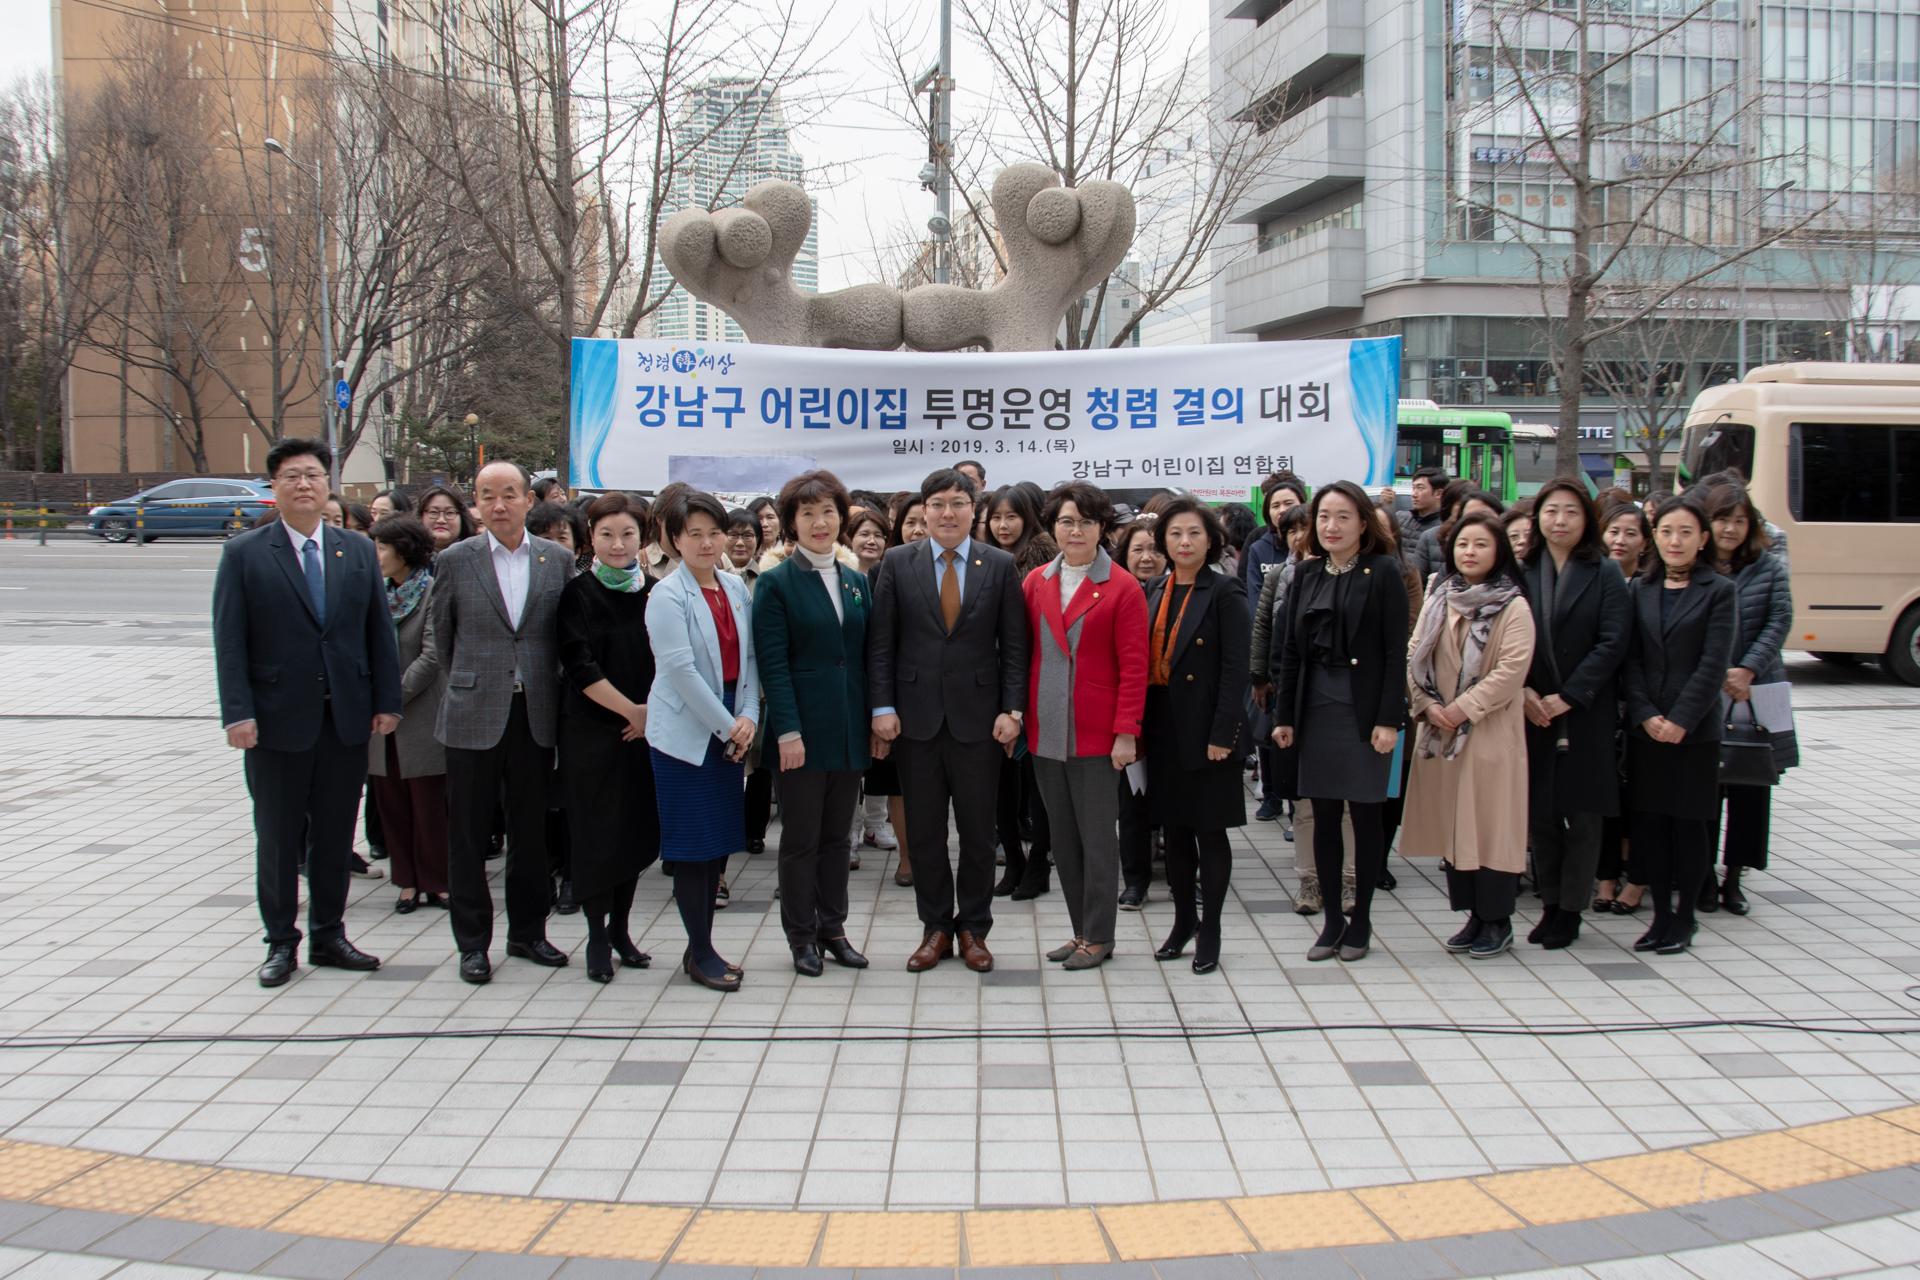 강남구 어린이집 투명운영 청렴결의 대회 GNC_0175.jpg